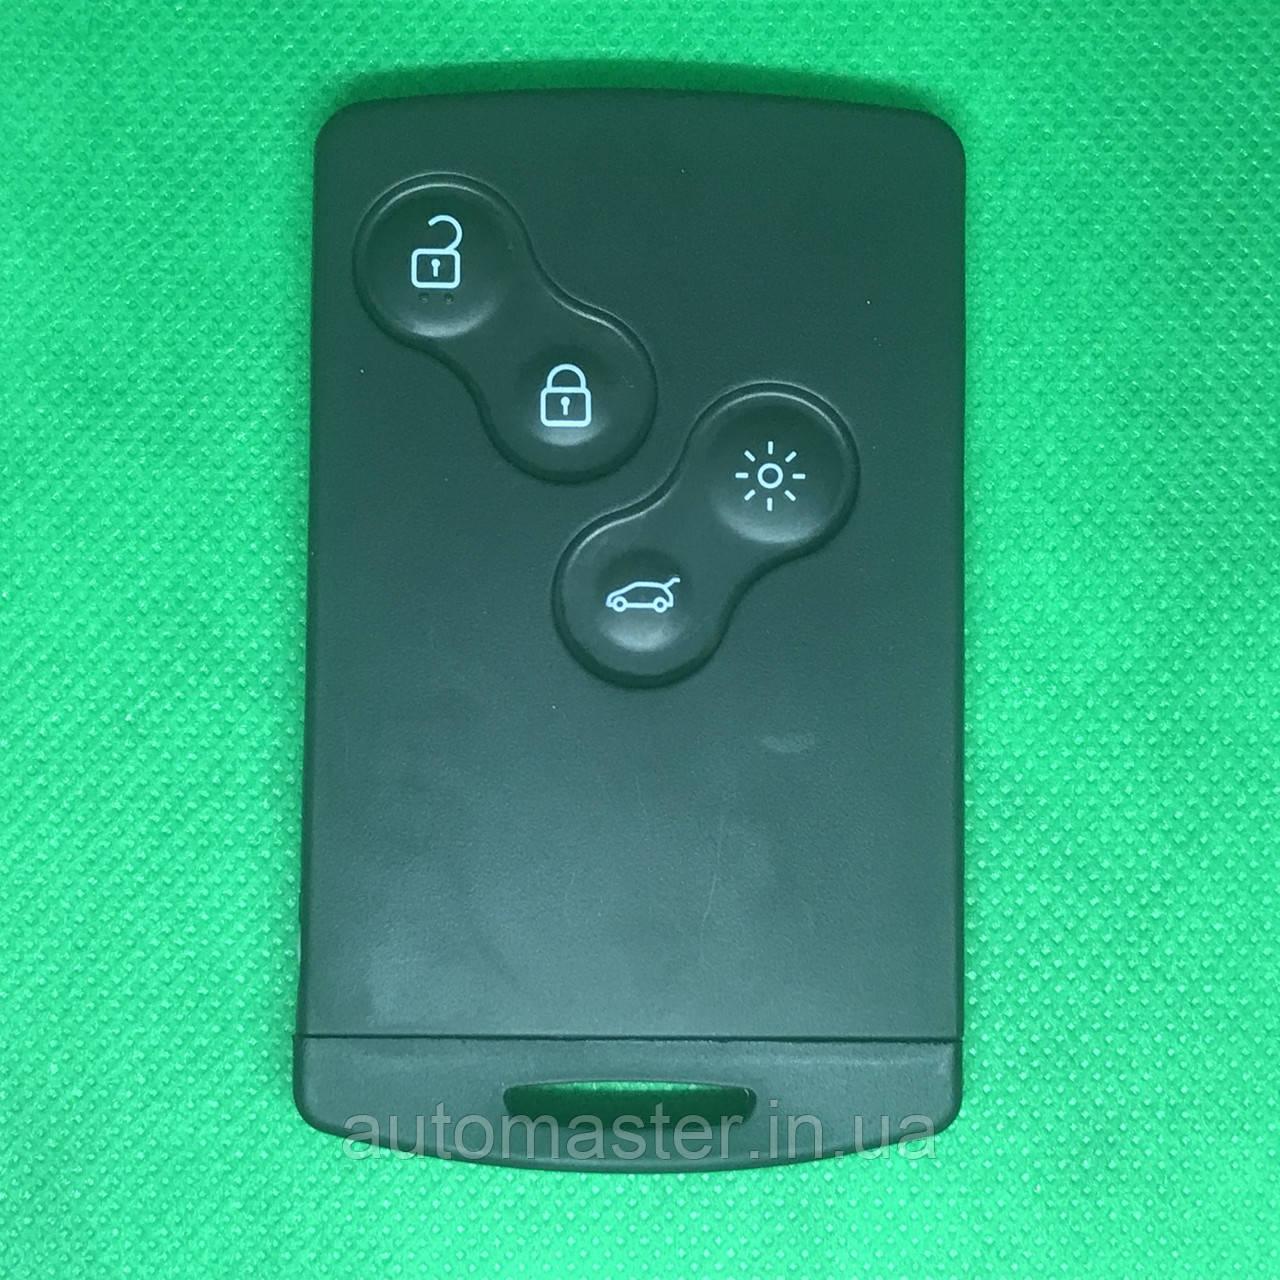 Смартключ карта RENAULT Megane (Рено Меган) 4 - кнопки с чипом PCF 7952 (Keyless-go) 433 MHz